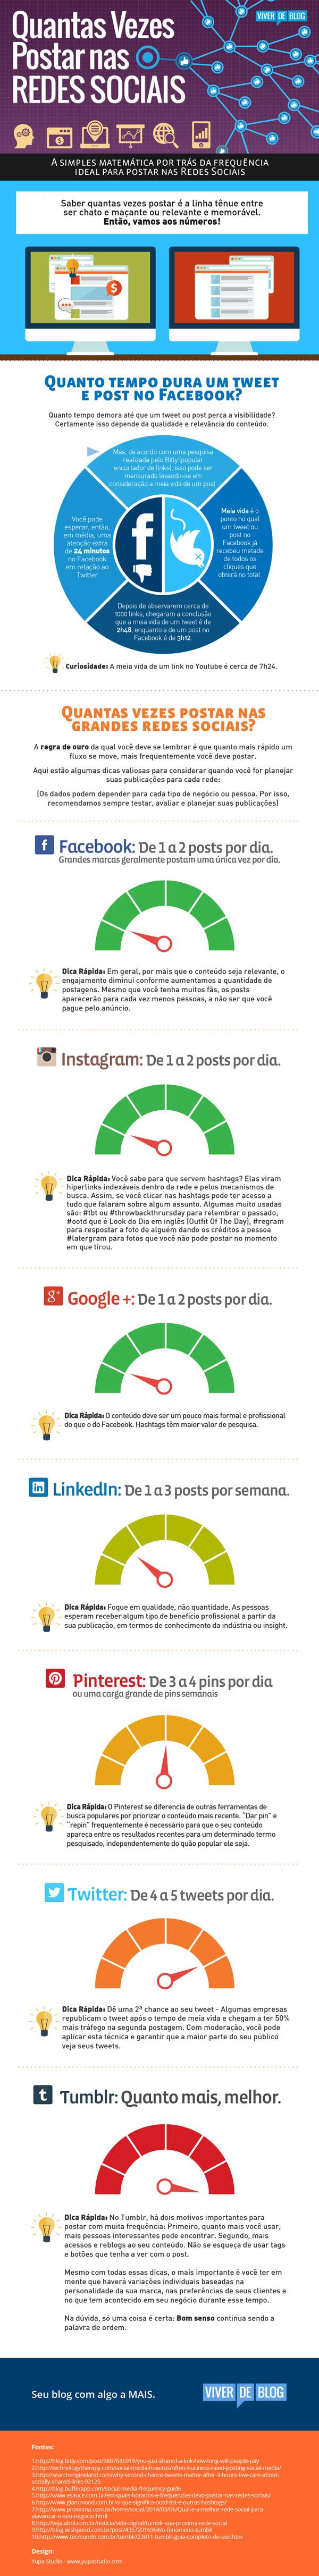 Infográfico Postagem Redes Sociais